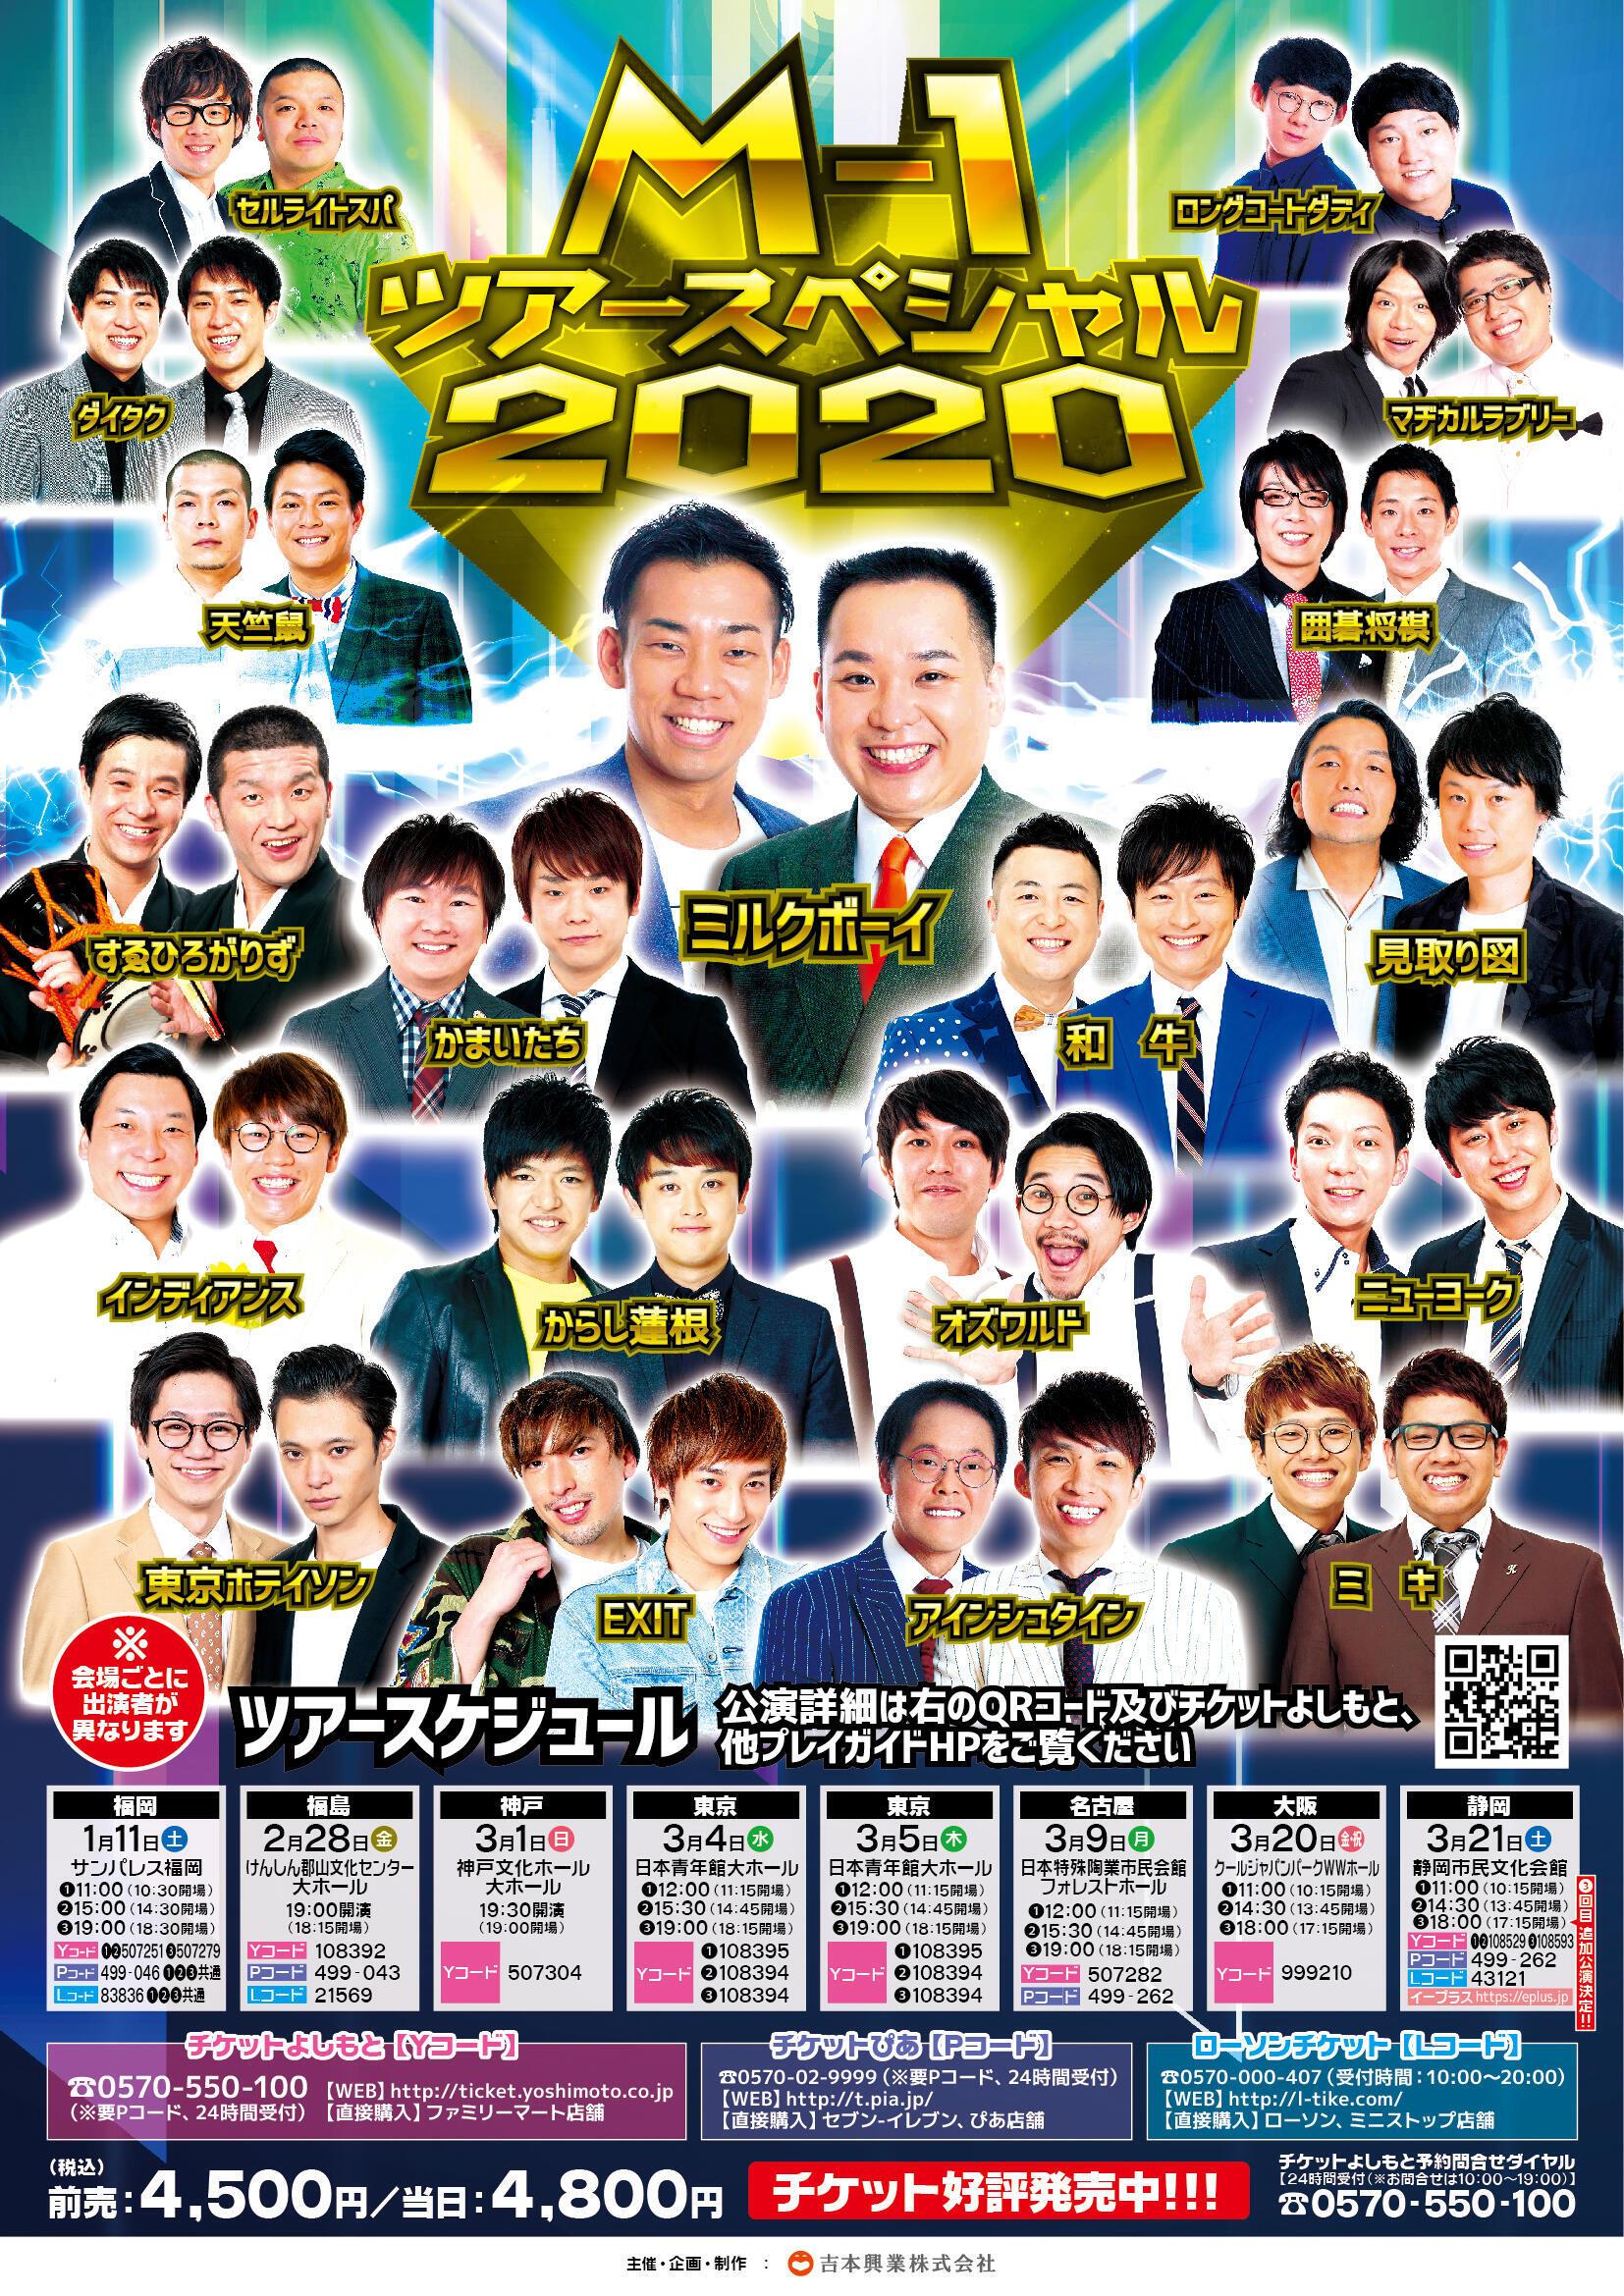 http://www.syumatsu.jp/20200107145135-09b31eaf070faa1d0cfbff461a85ff960686ae78.jpg